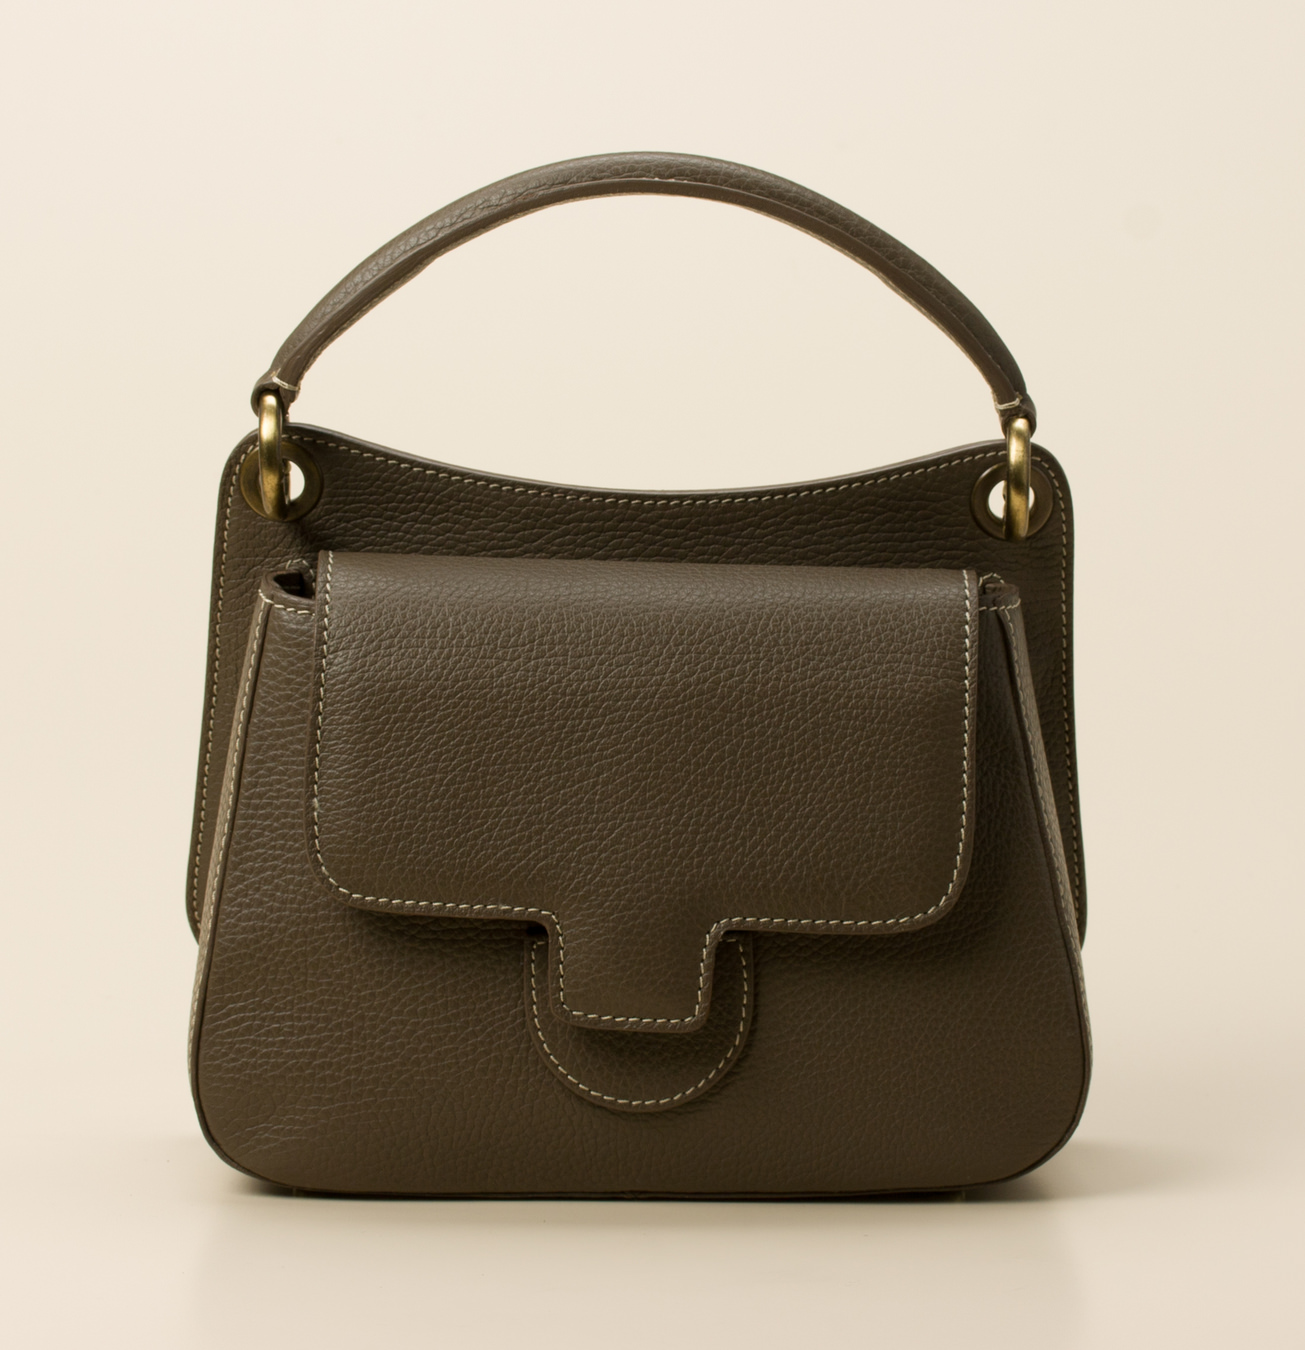 bb000725042ed Buti Damen-Acces. Handtasche in taupe kaufen